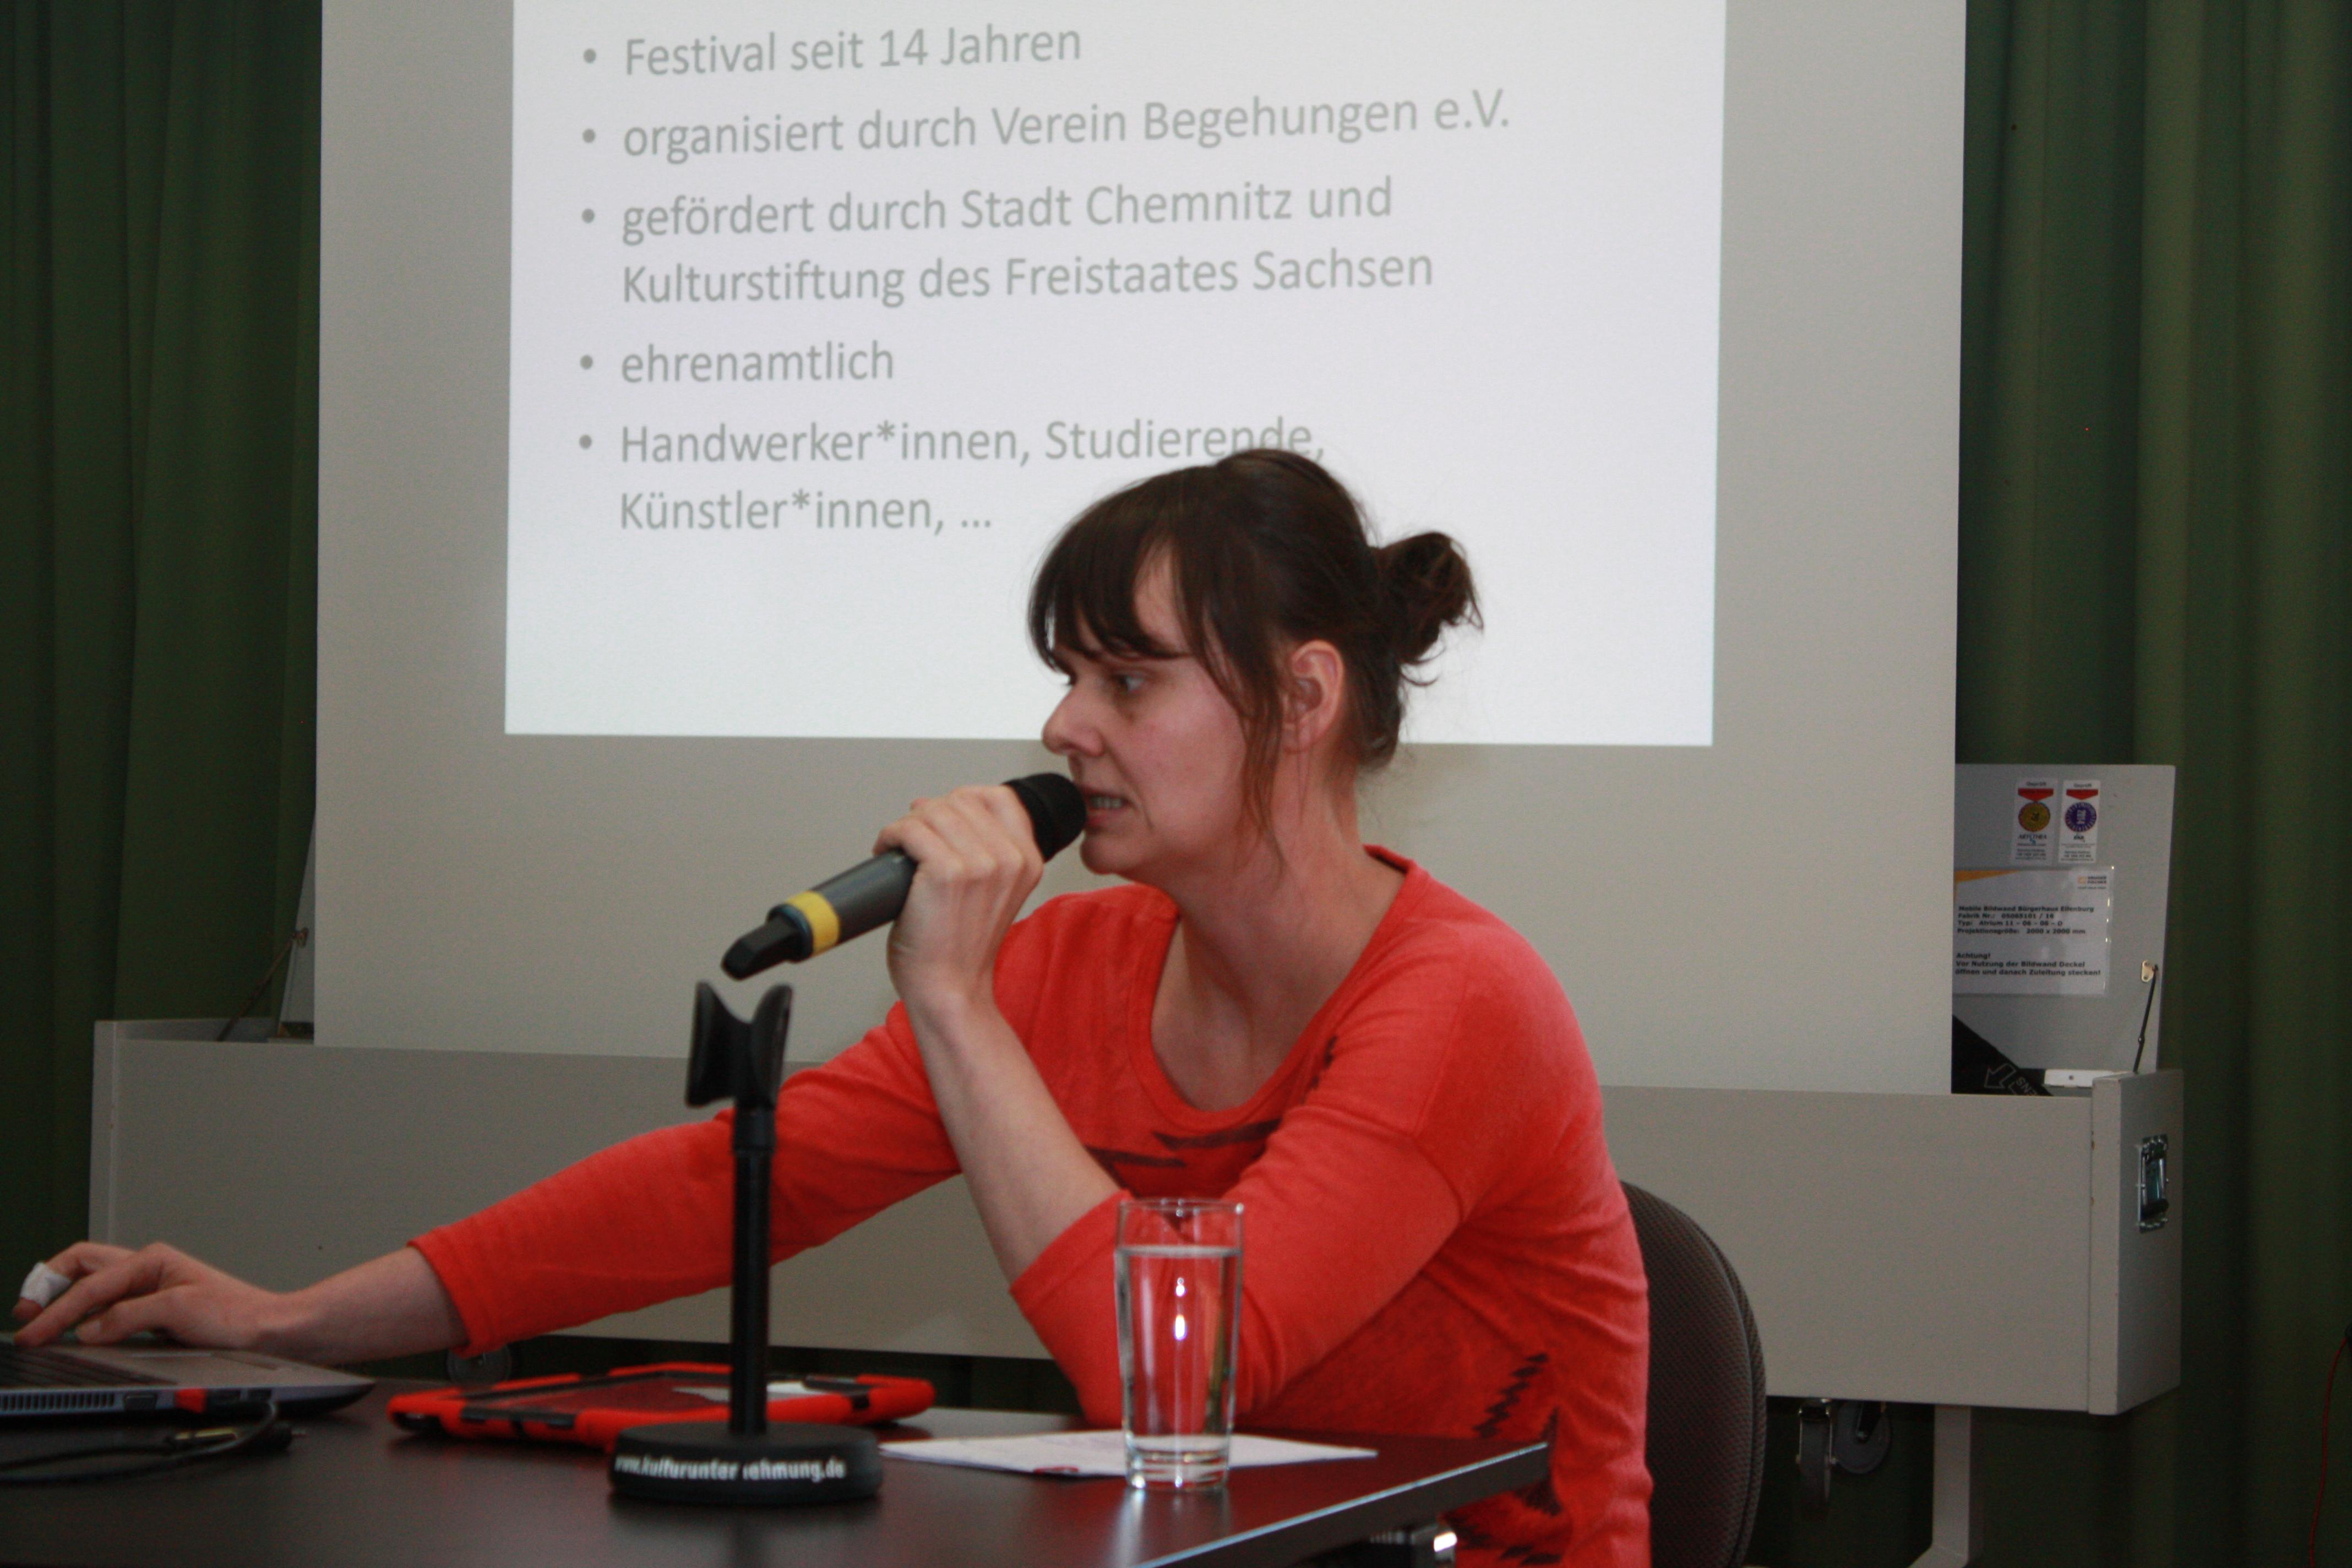 Eine Referentin sitzend vor Präsentation. Spricht ins Mikrofon.